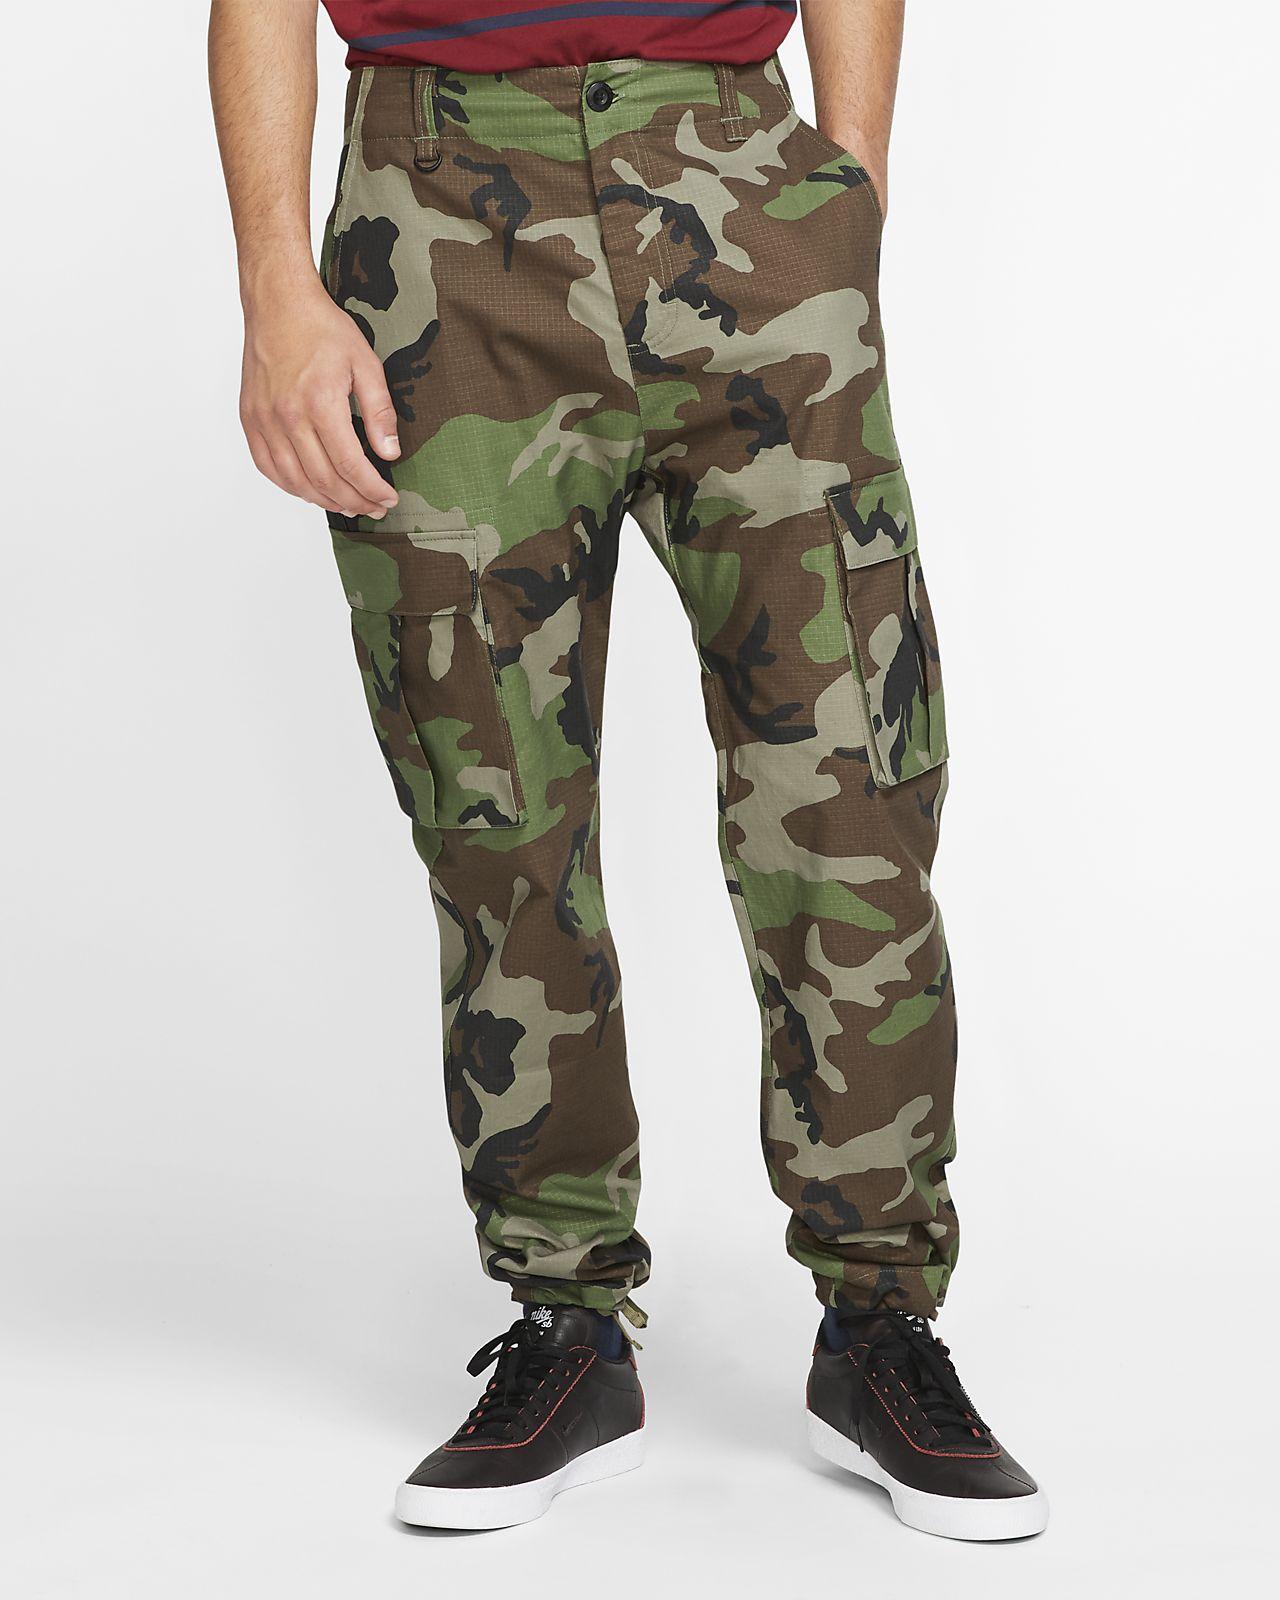 Nike SB Flex FTM Pantalons Cargo de camuflatge skateboard - Home